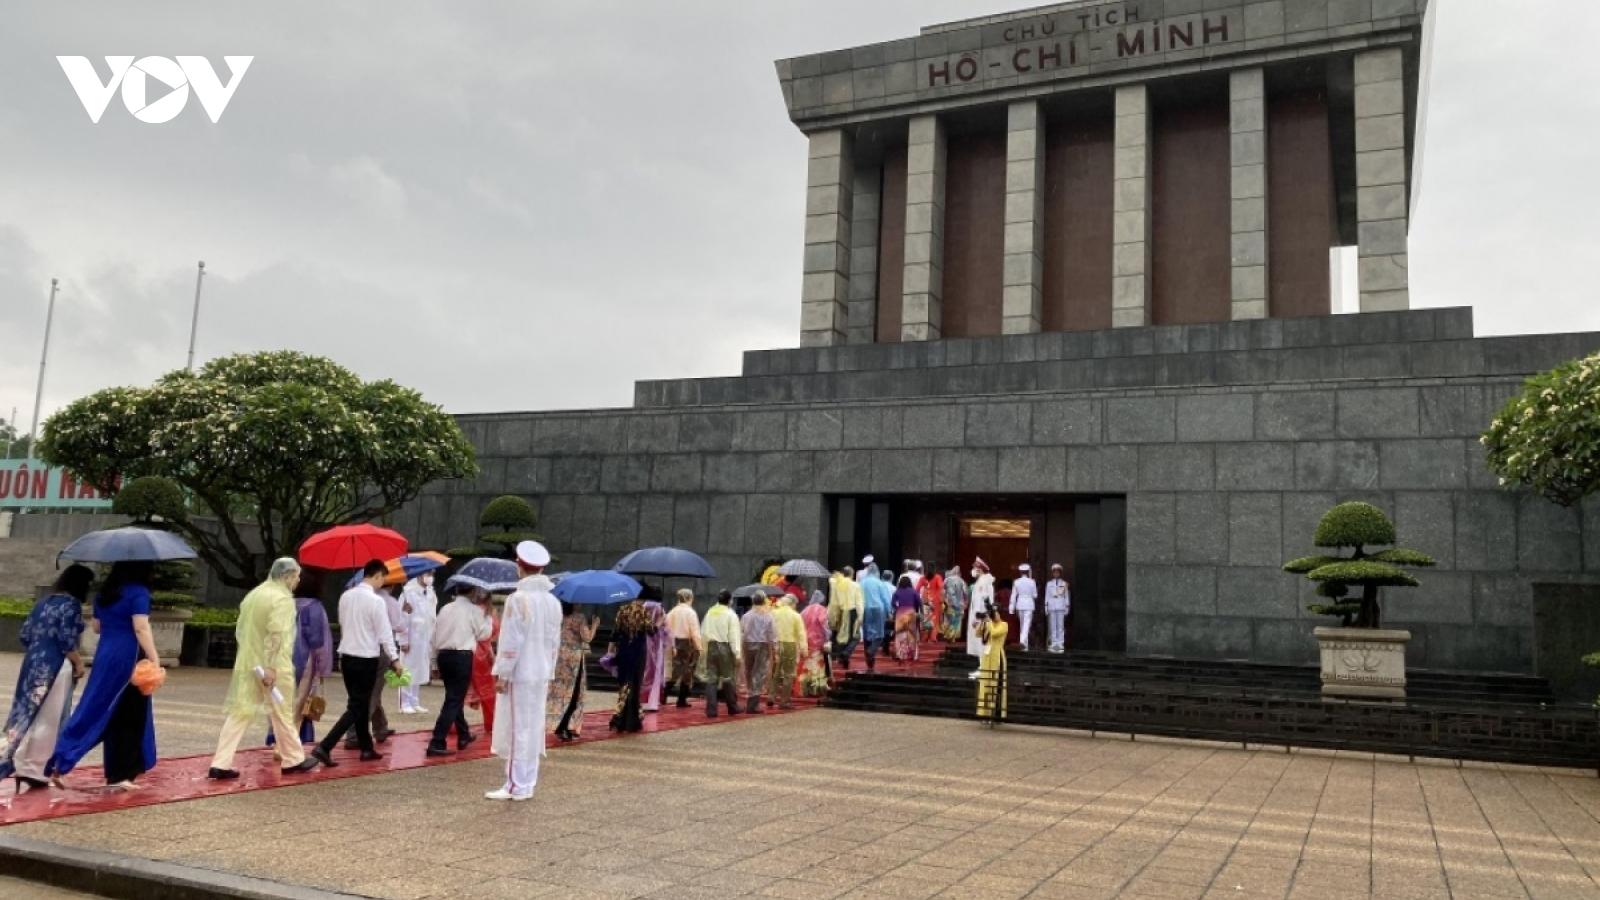 Tạm ngừng tổ chức lễ viếng Chủ tịch Hồ Chí Minh, tưởng niệm Anh hùng liệt sĩ